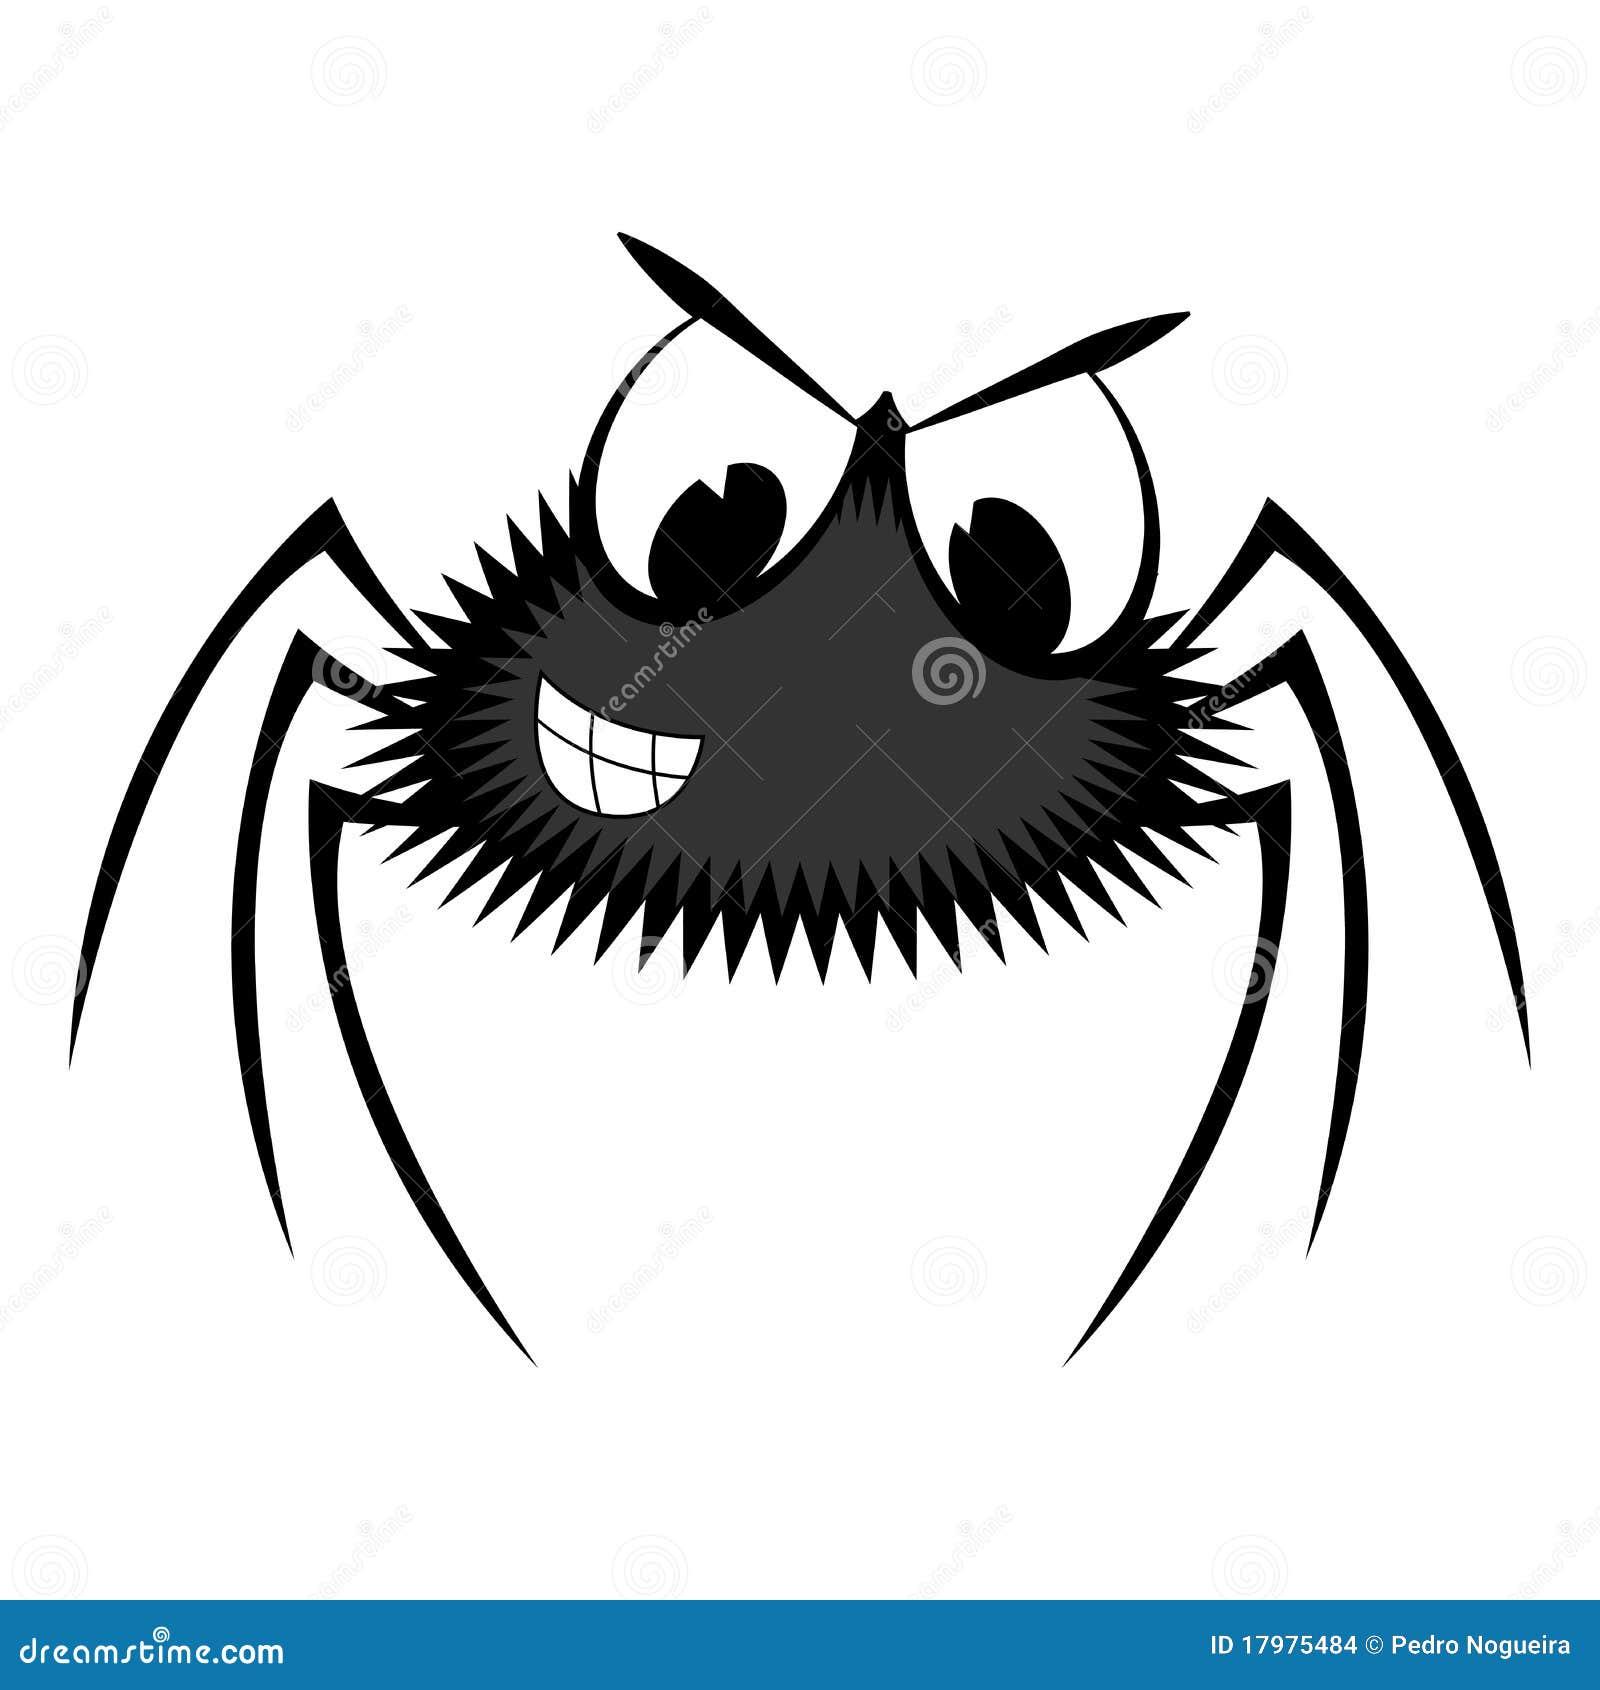 Kleurplaat Xl Cartoon Spider Stock Images Image 17975484